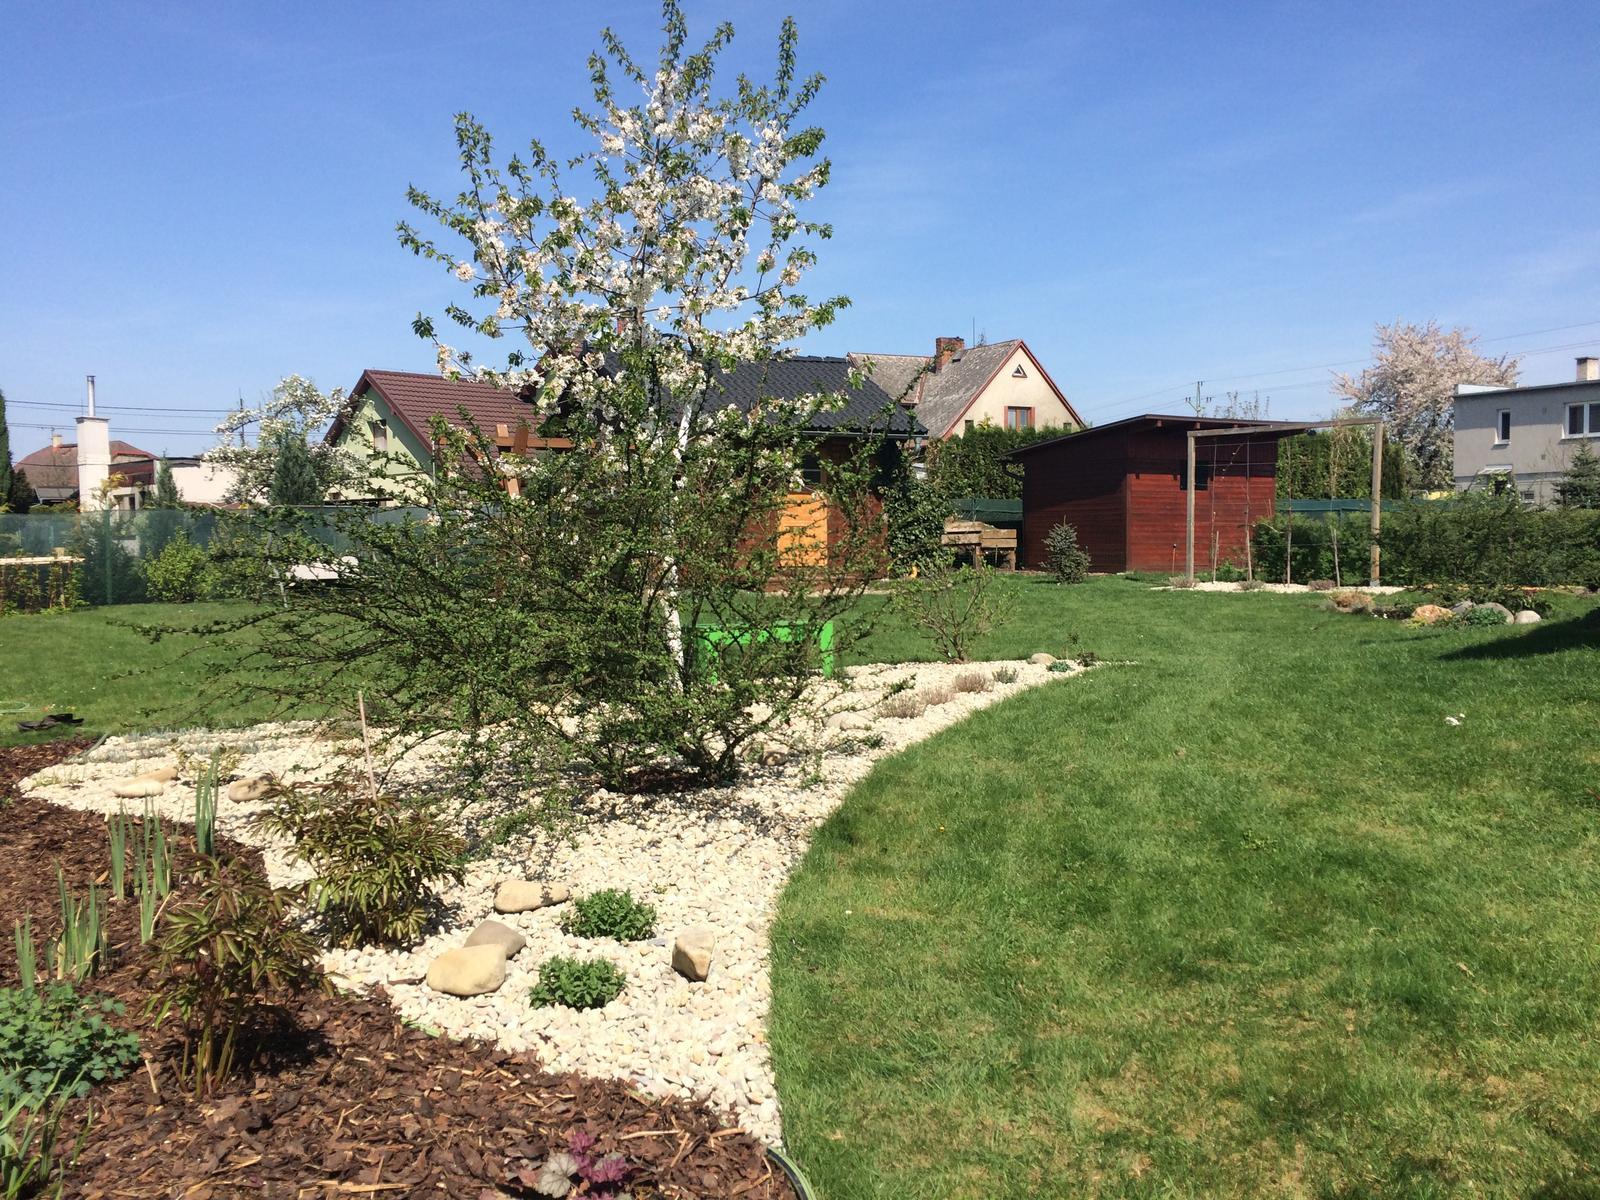 Zahrada 2018 - no nevím jestli to nezasypu kamením všechno, nějak zvlášť se mi nelíbí kombinování mulče a kačírku, ale zároveň tady potřebuju navázat na už zamulčovaný dlouhý záhon podél plotu